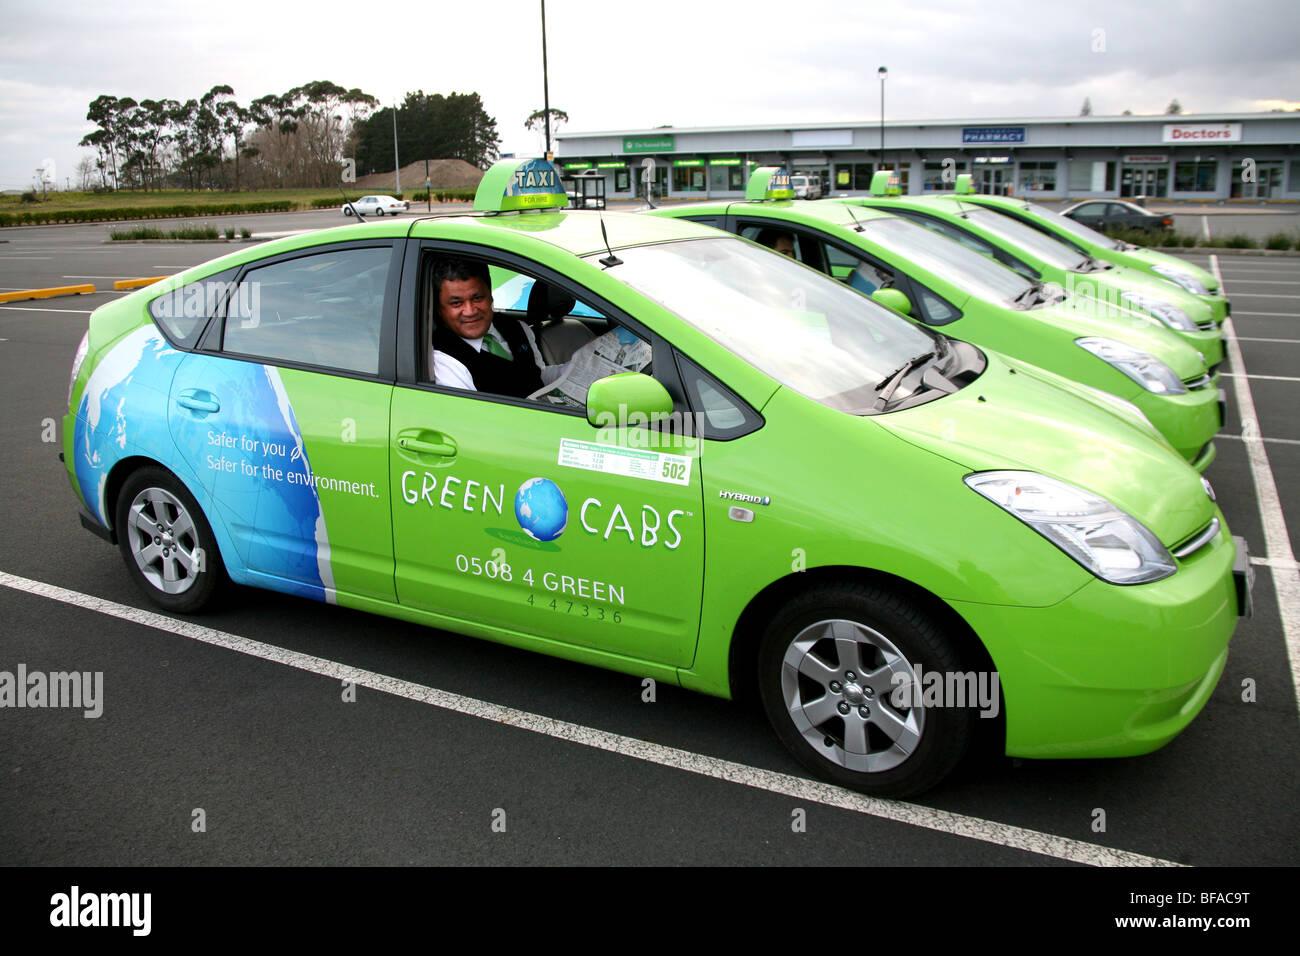 Una flota de 100 Toyota Prius híbrido eléctrico Cabs en Auckland, Nueva Zelanda Imagen De Stock